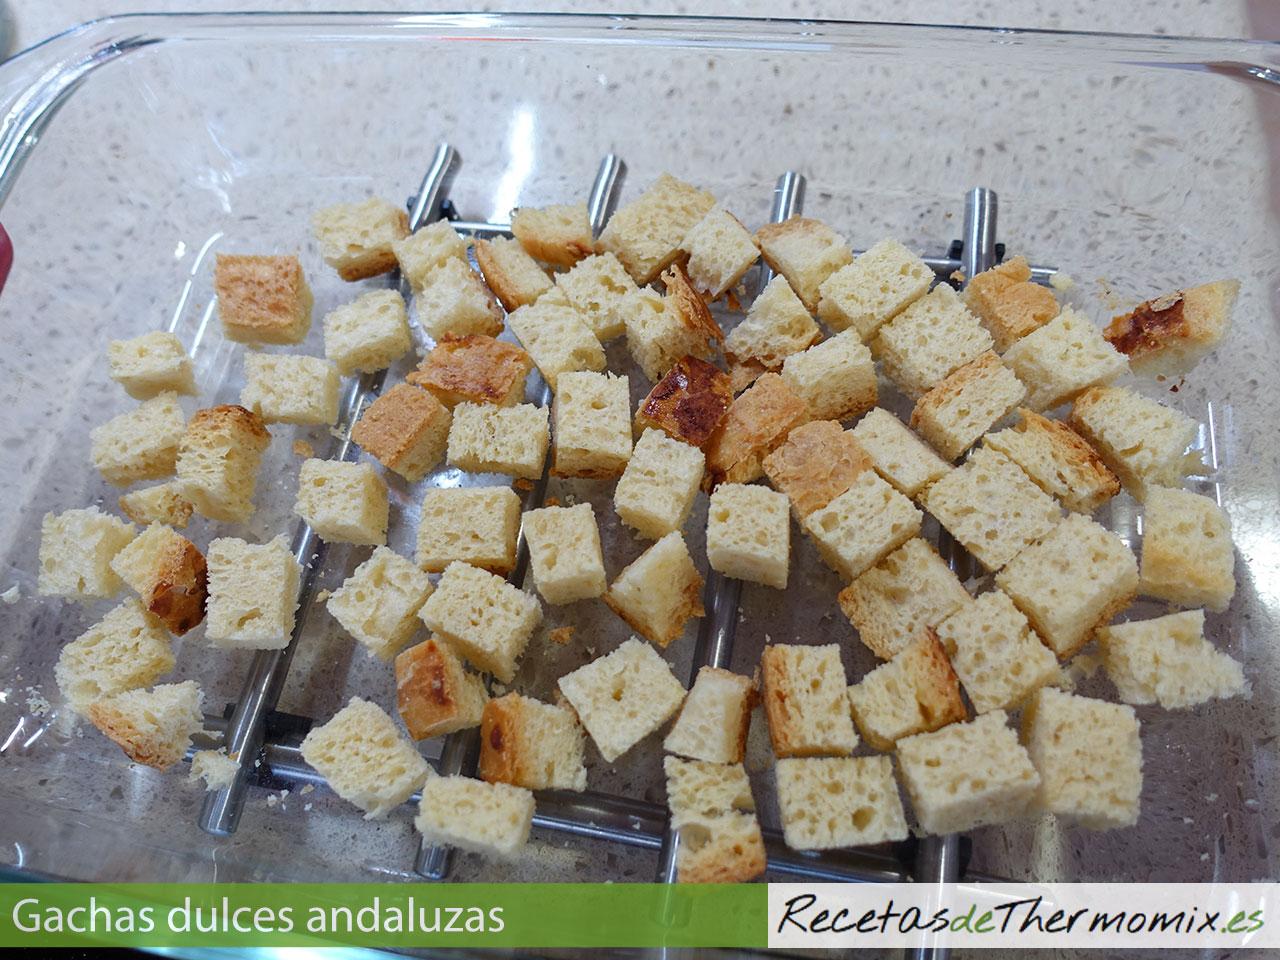 Picatostes para gachas dulces andaluzas